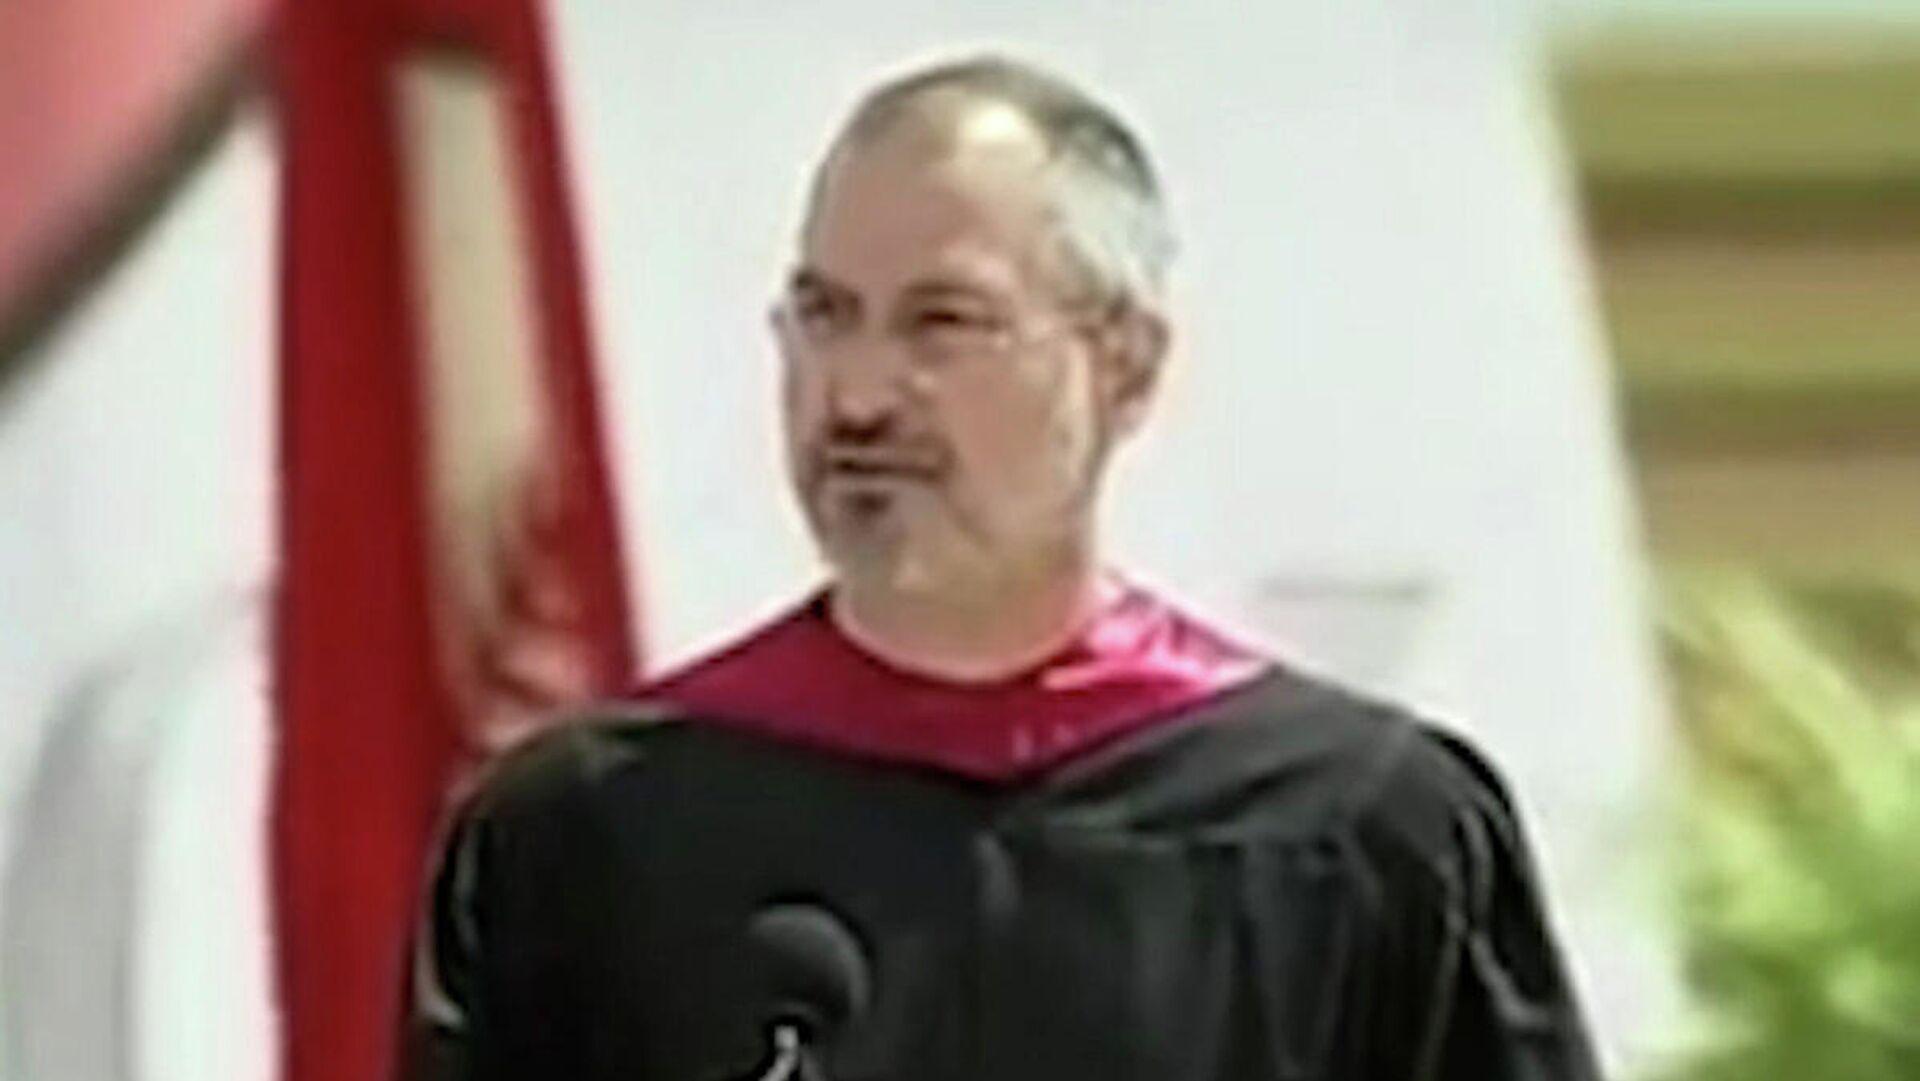 Στιβ Τζομπς: Η συγκλονιστική ομιλία - μάθημα ζωής στους αποφοίτους του Στάνφορντ  - Sputnik Ελλάδα, 1920, 06.10.2021